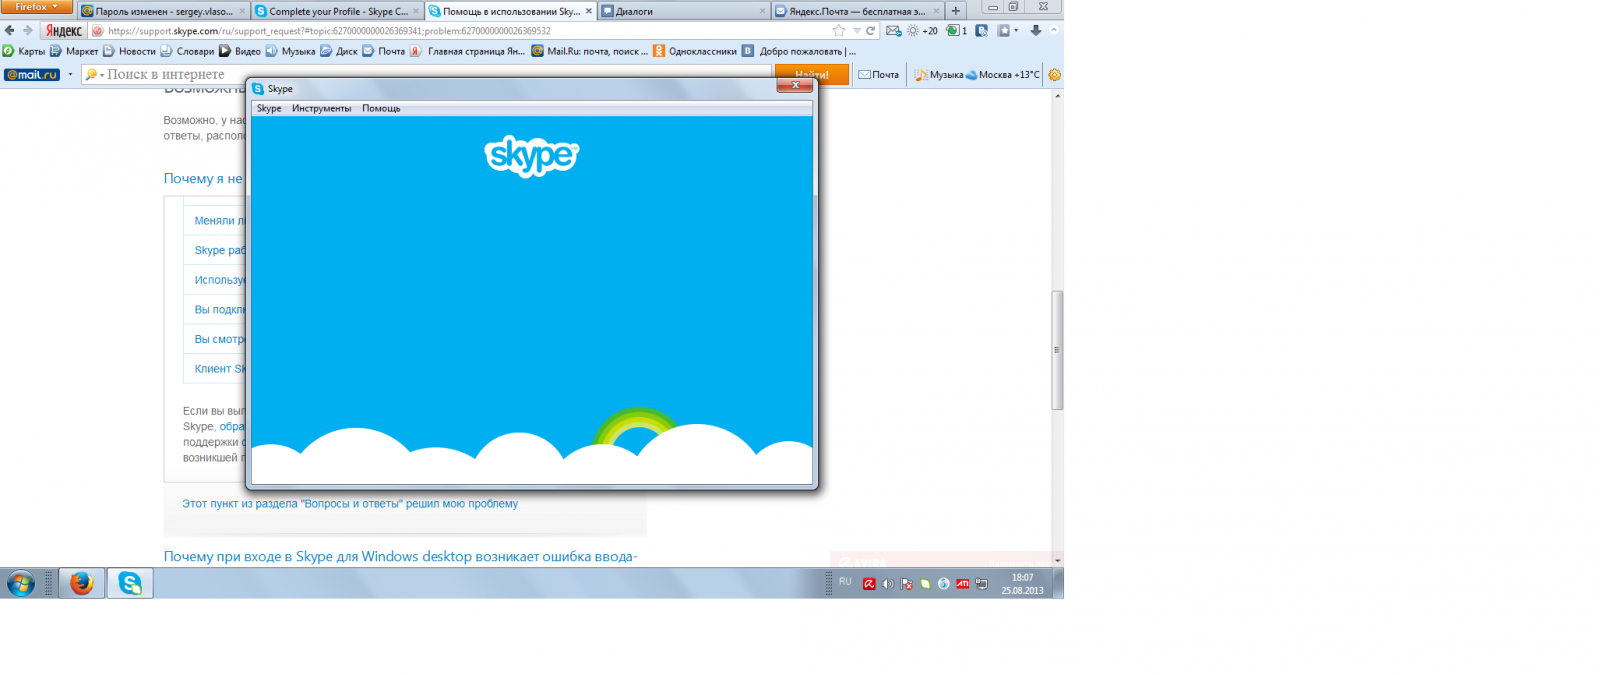 Как изменить тему оформления в новой версии Skype 74